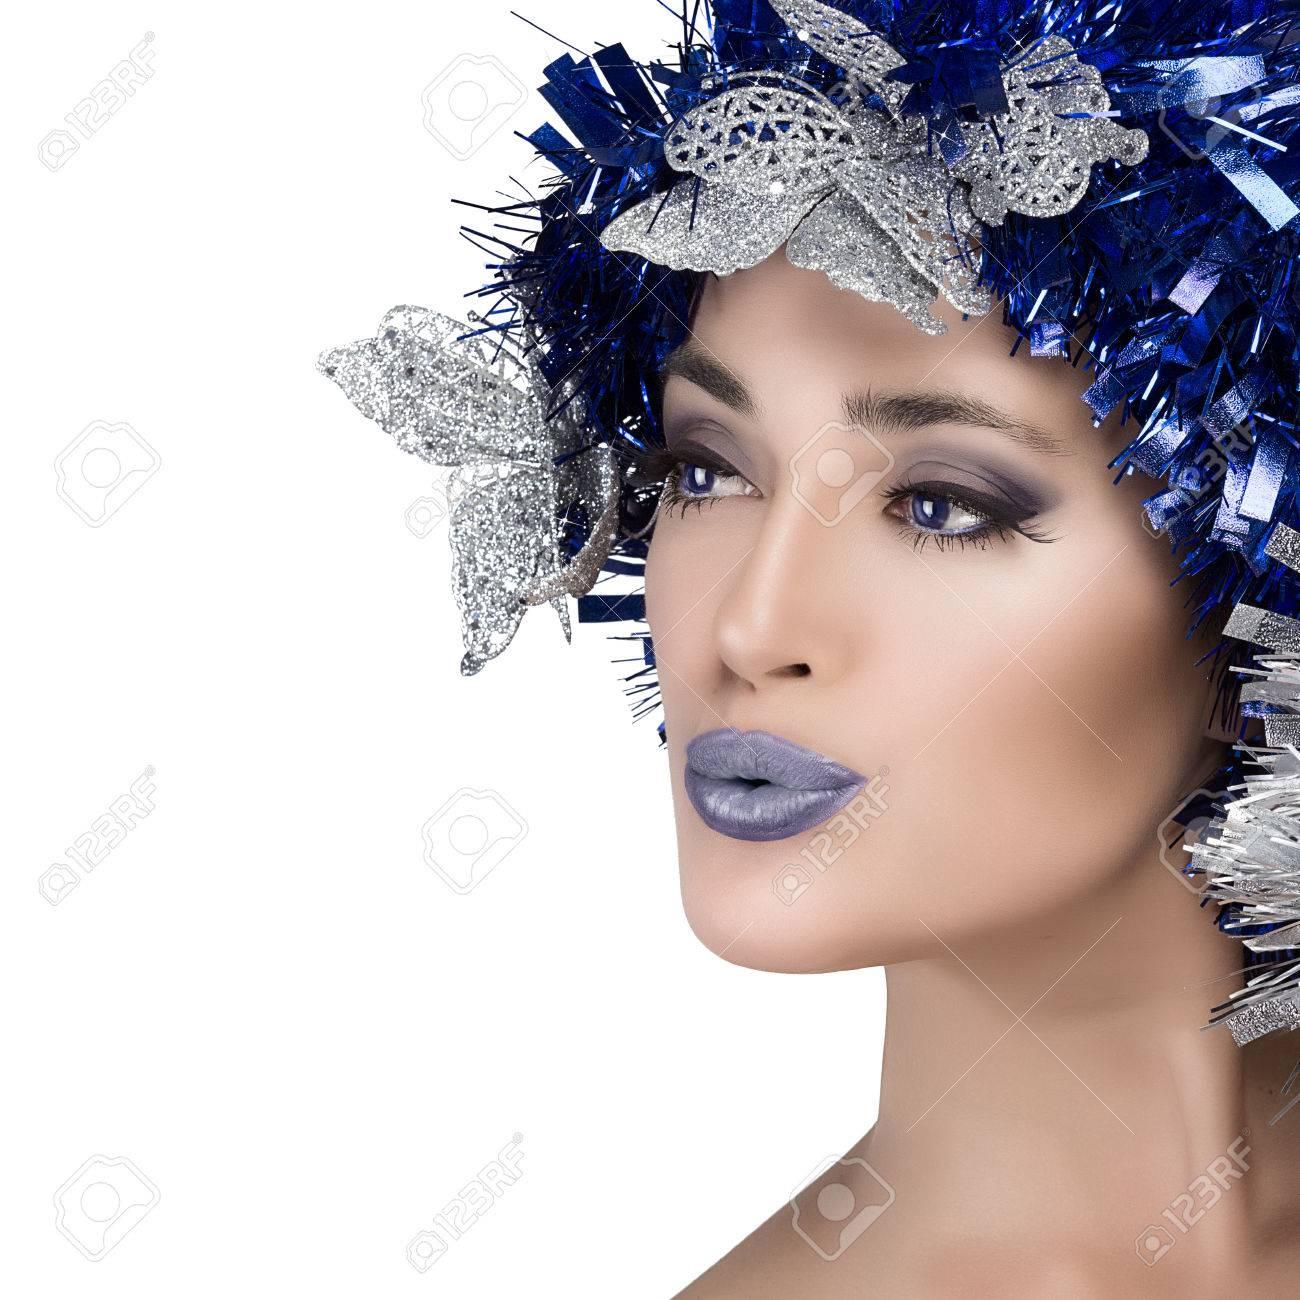 Banque d\u0027images , Beauté de Noël fille avec le maquillage de fête en bleu  et argent isolé sur fond blanc